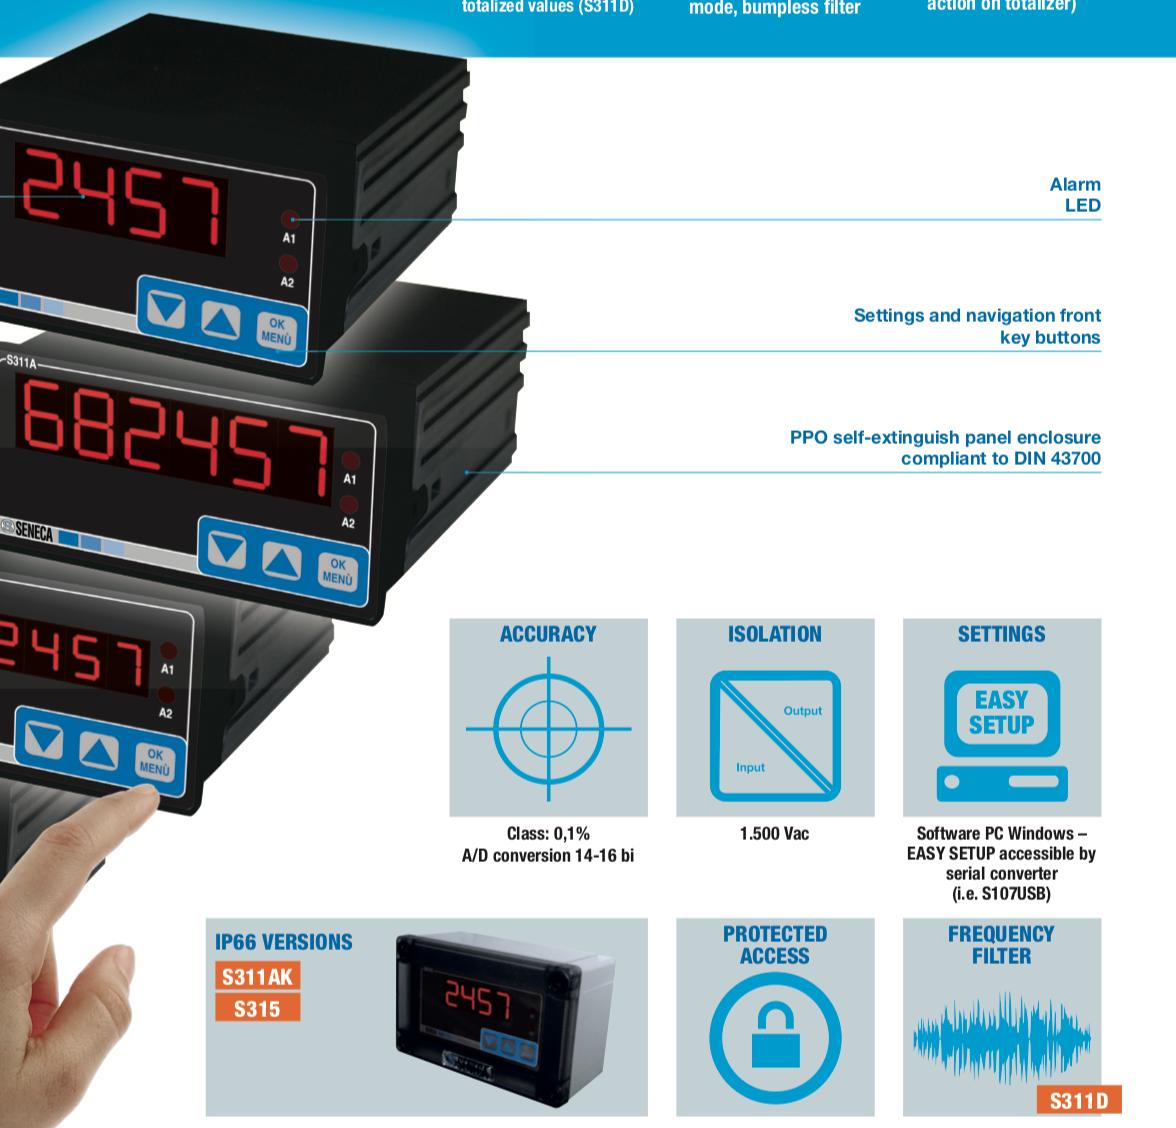 Cài đặt Ứng dụng Bộ hiển thị nhiệt độ cảm biến Pt100 bằng phím